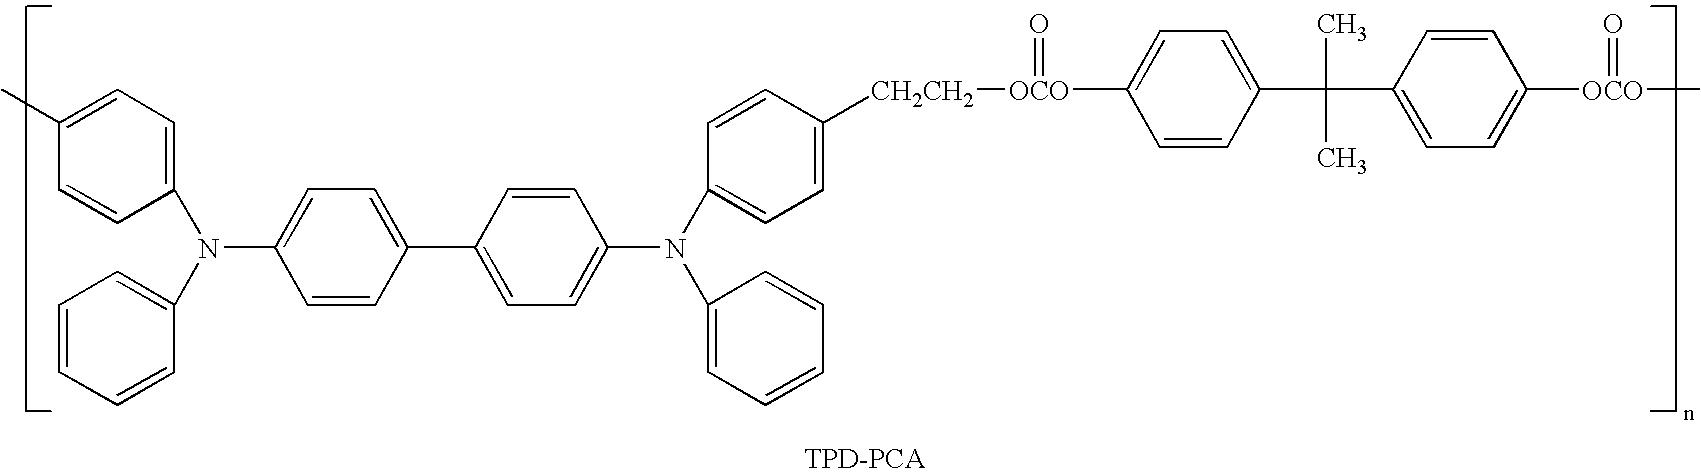 Figure US20070252141A1-20071101-C00013